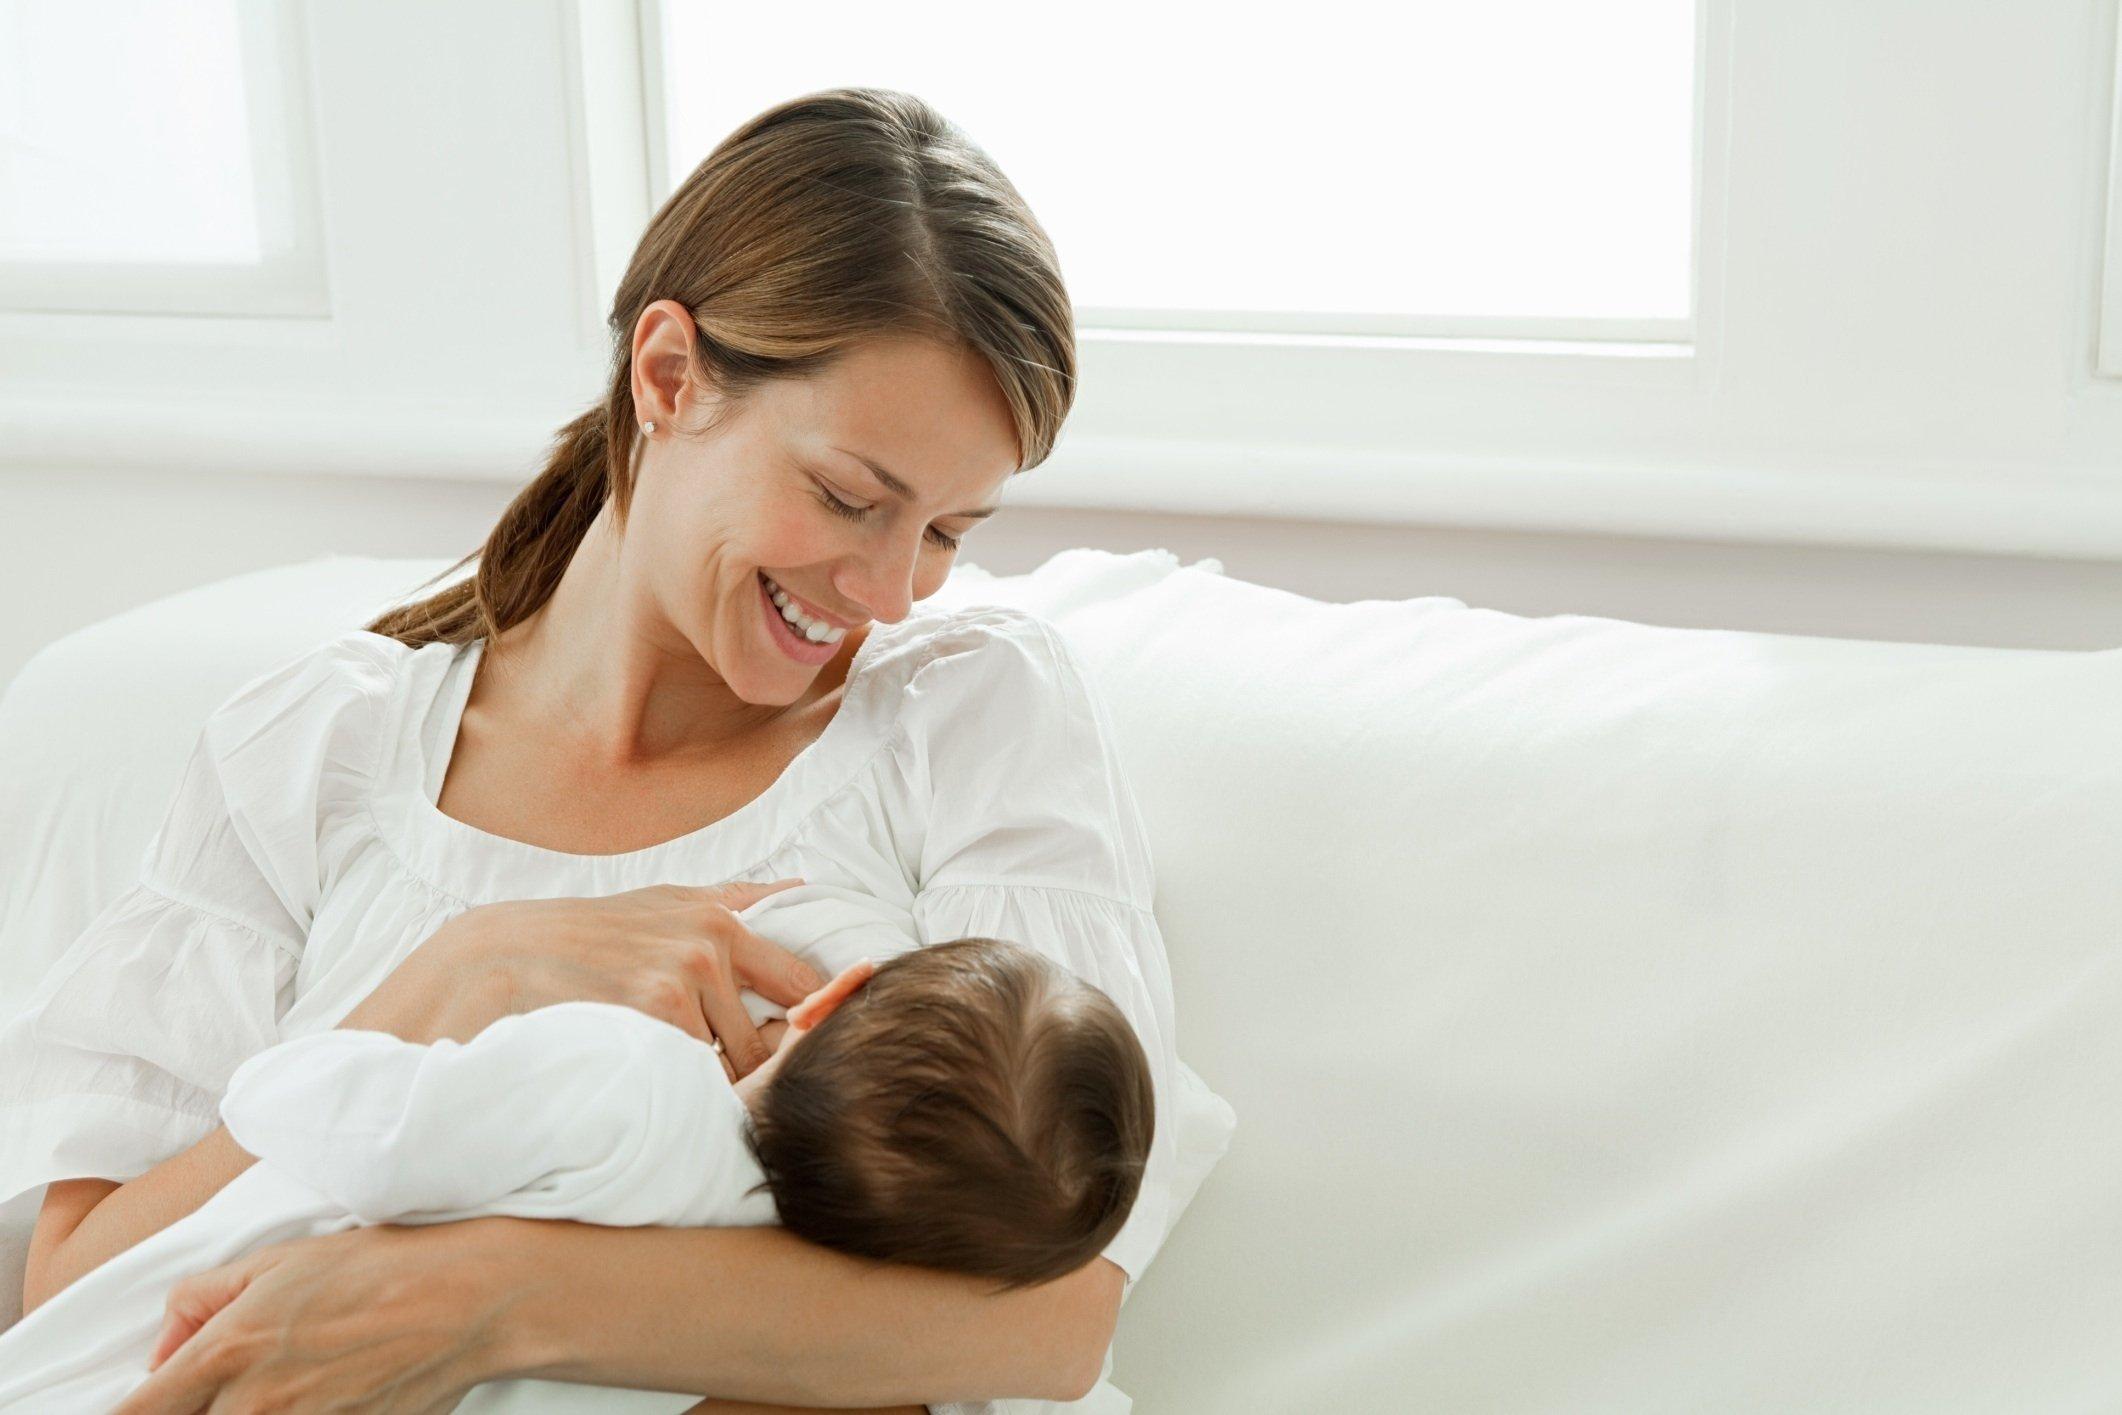 Применение Резорцина во время беременности и лактации